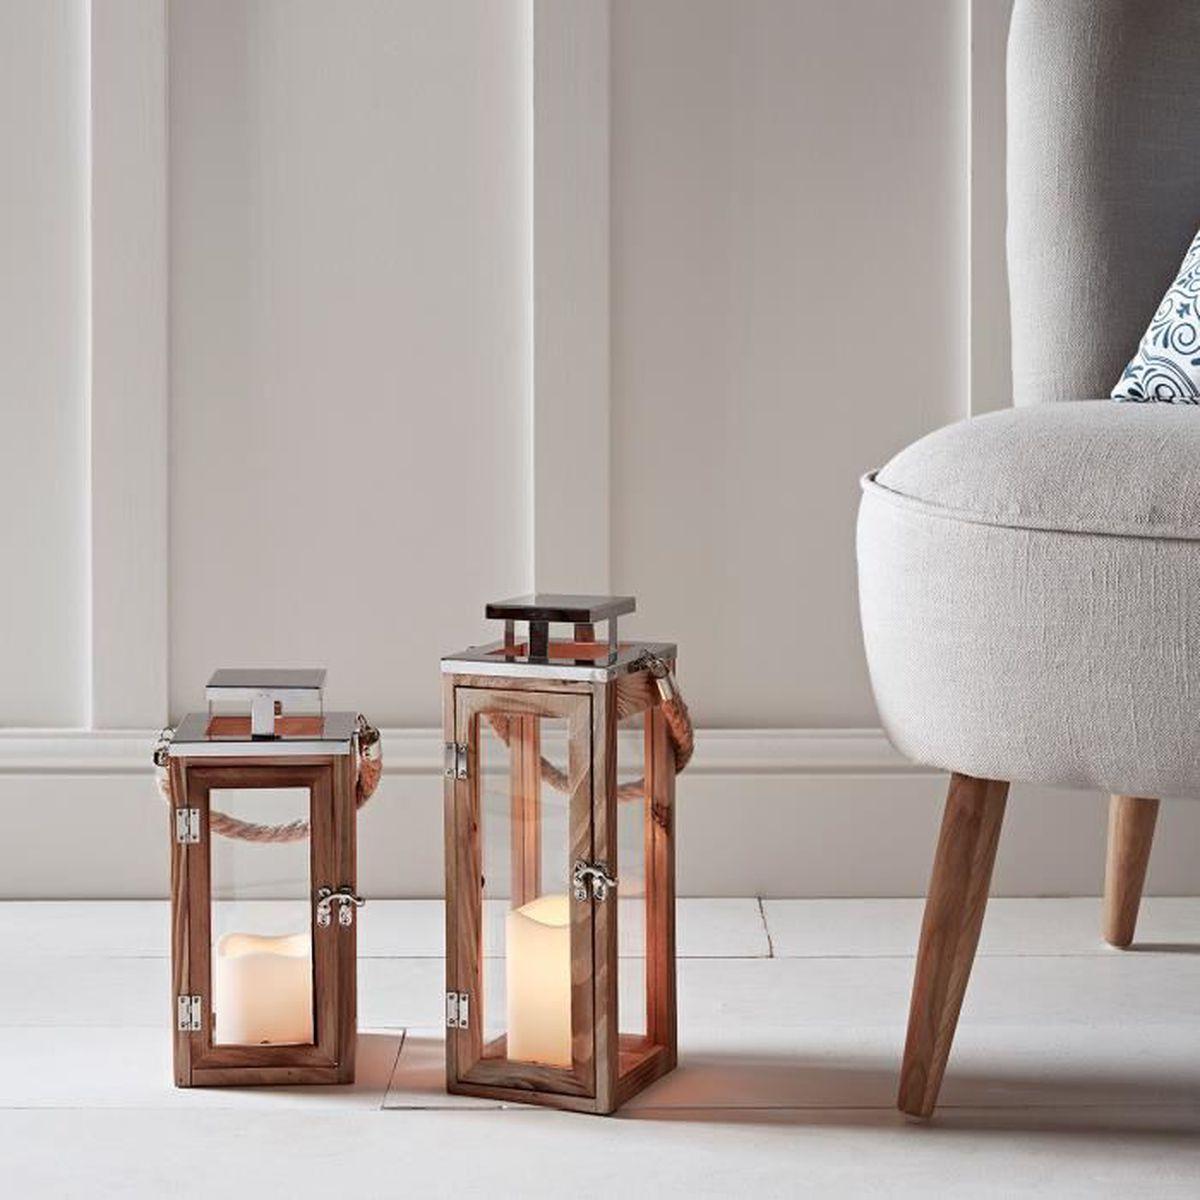 lot de 2 lanternes bois avec bougies led piles achat vente photophore lanterne soldes. Black Bedroom Furniture Sets. Home Design Ideas